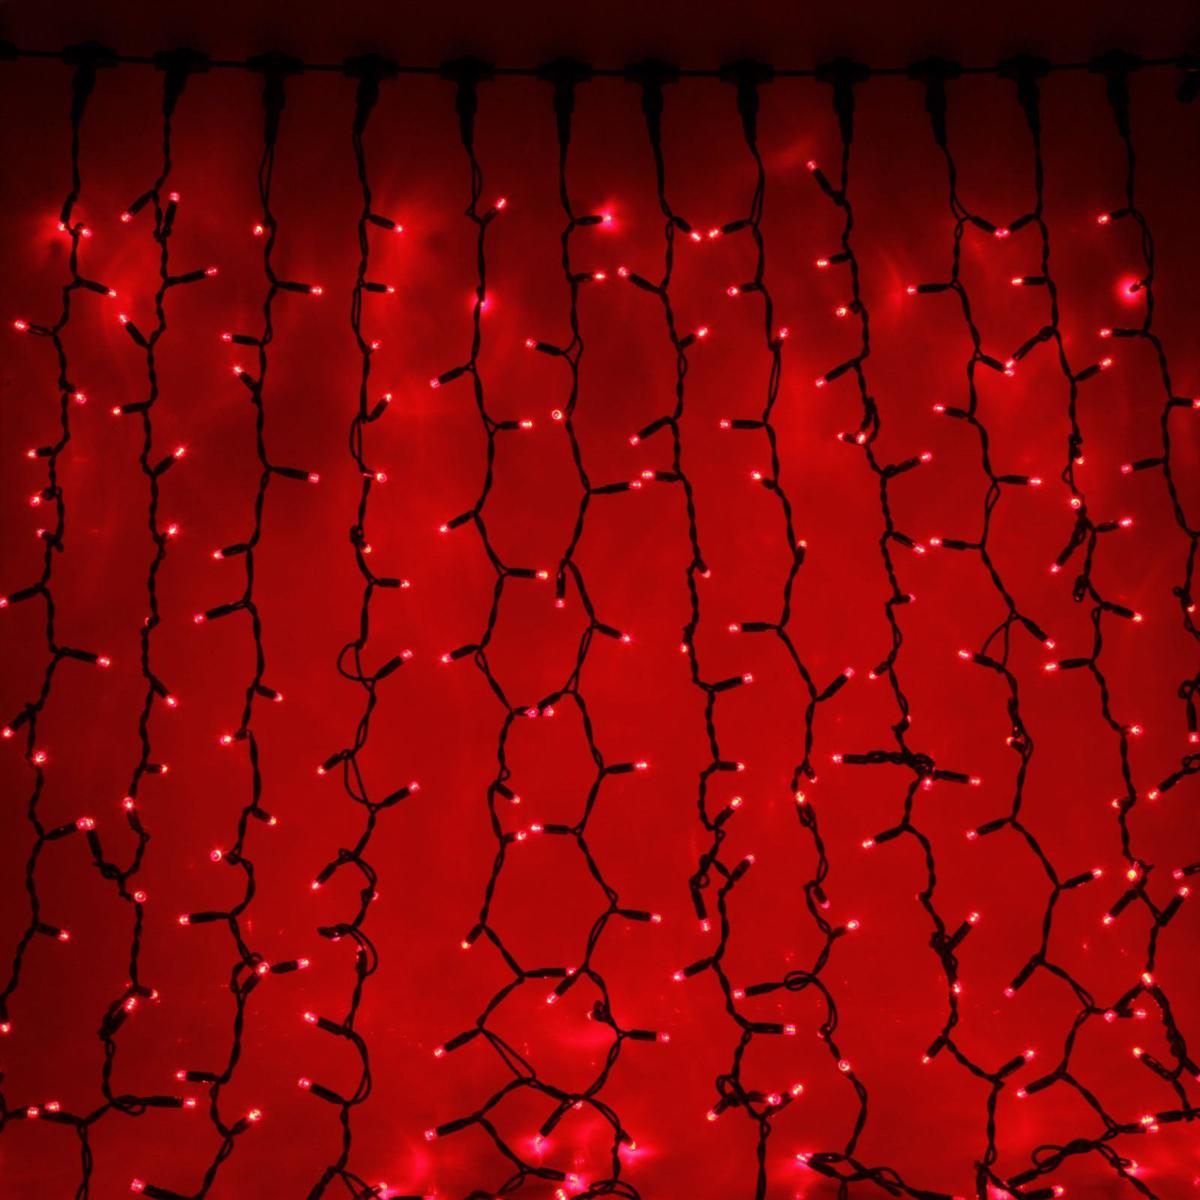 Гирлянда светодиодная Sima-land Занавес, цвет: красный, уличная, 760 ламп, 220 V, 2 х 3 м. 23328582332858Светодиодные гирлянды и ленты — это отличный вариант для новогоднего оформления интерьера или фасада. С их помощью помещение любого размера можно превратить в праздничный зал, а внешние элементы зданий, украшенные ими, мгновенно станут напоминать очертания сказочного дворца. Такие украшения создают ауру предвкушения чуда. Деревья, фасады, витрины, окна и арки будто специально созданы, чтобы вы украсили их светящимися нитями.